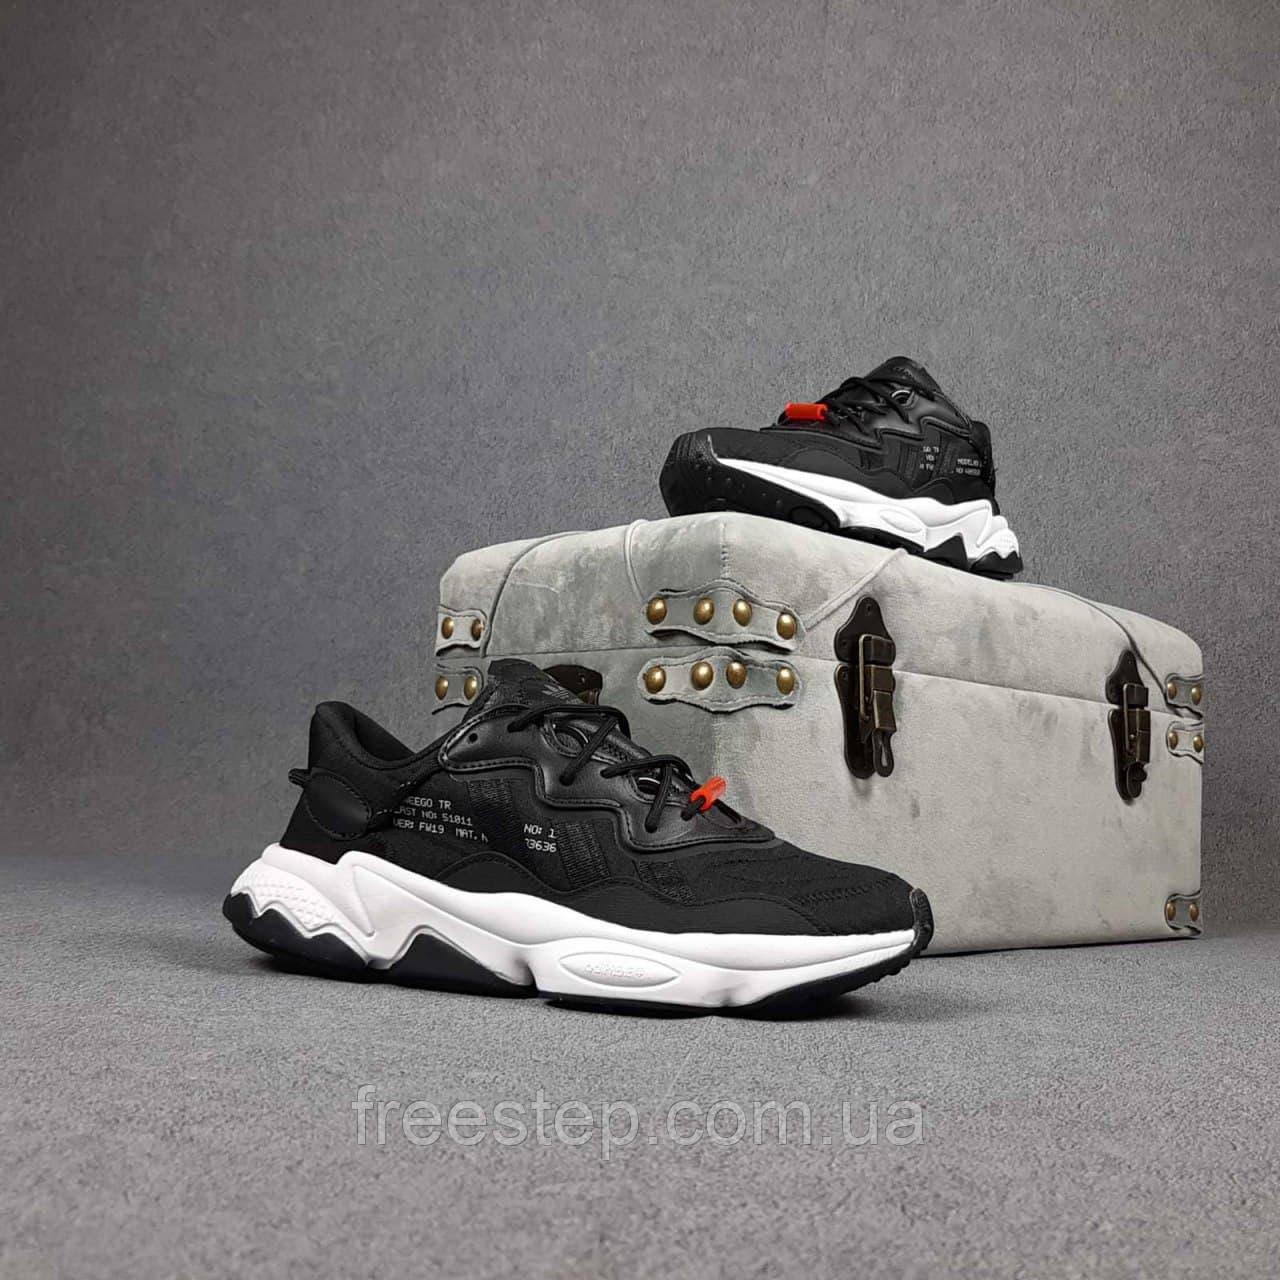 Жіночі кросівки в стилі Adidas Ozweego TR чорні на білому